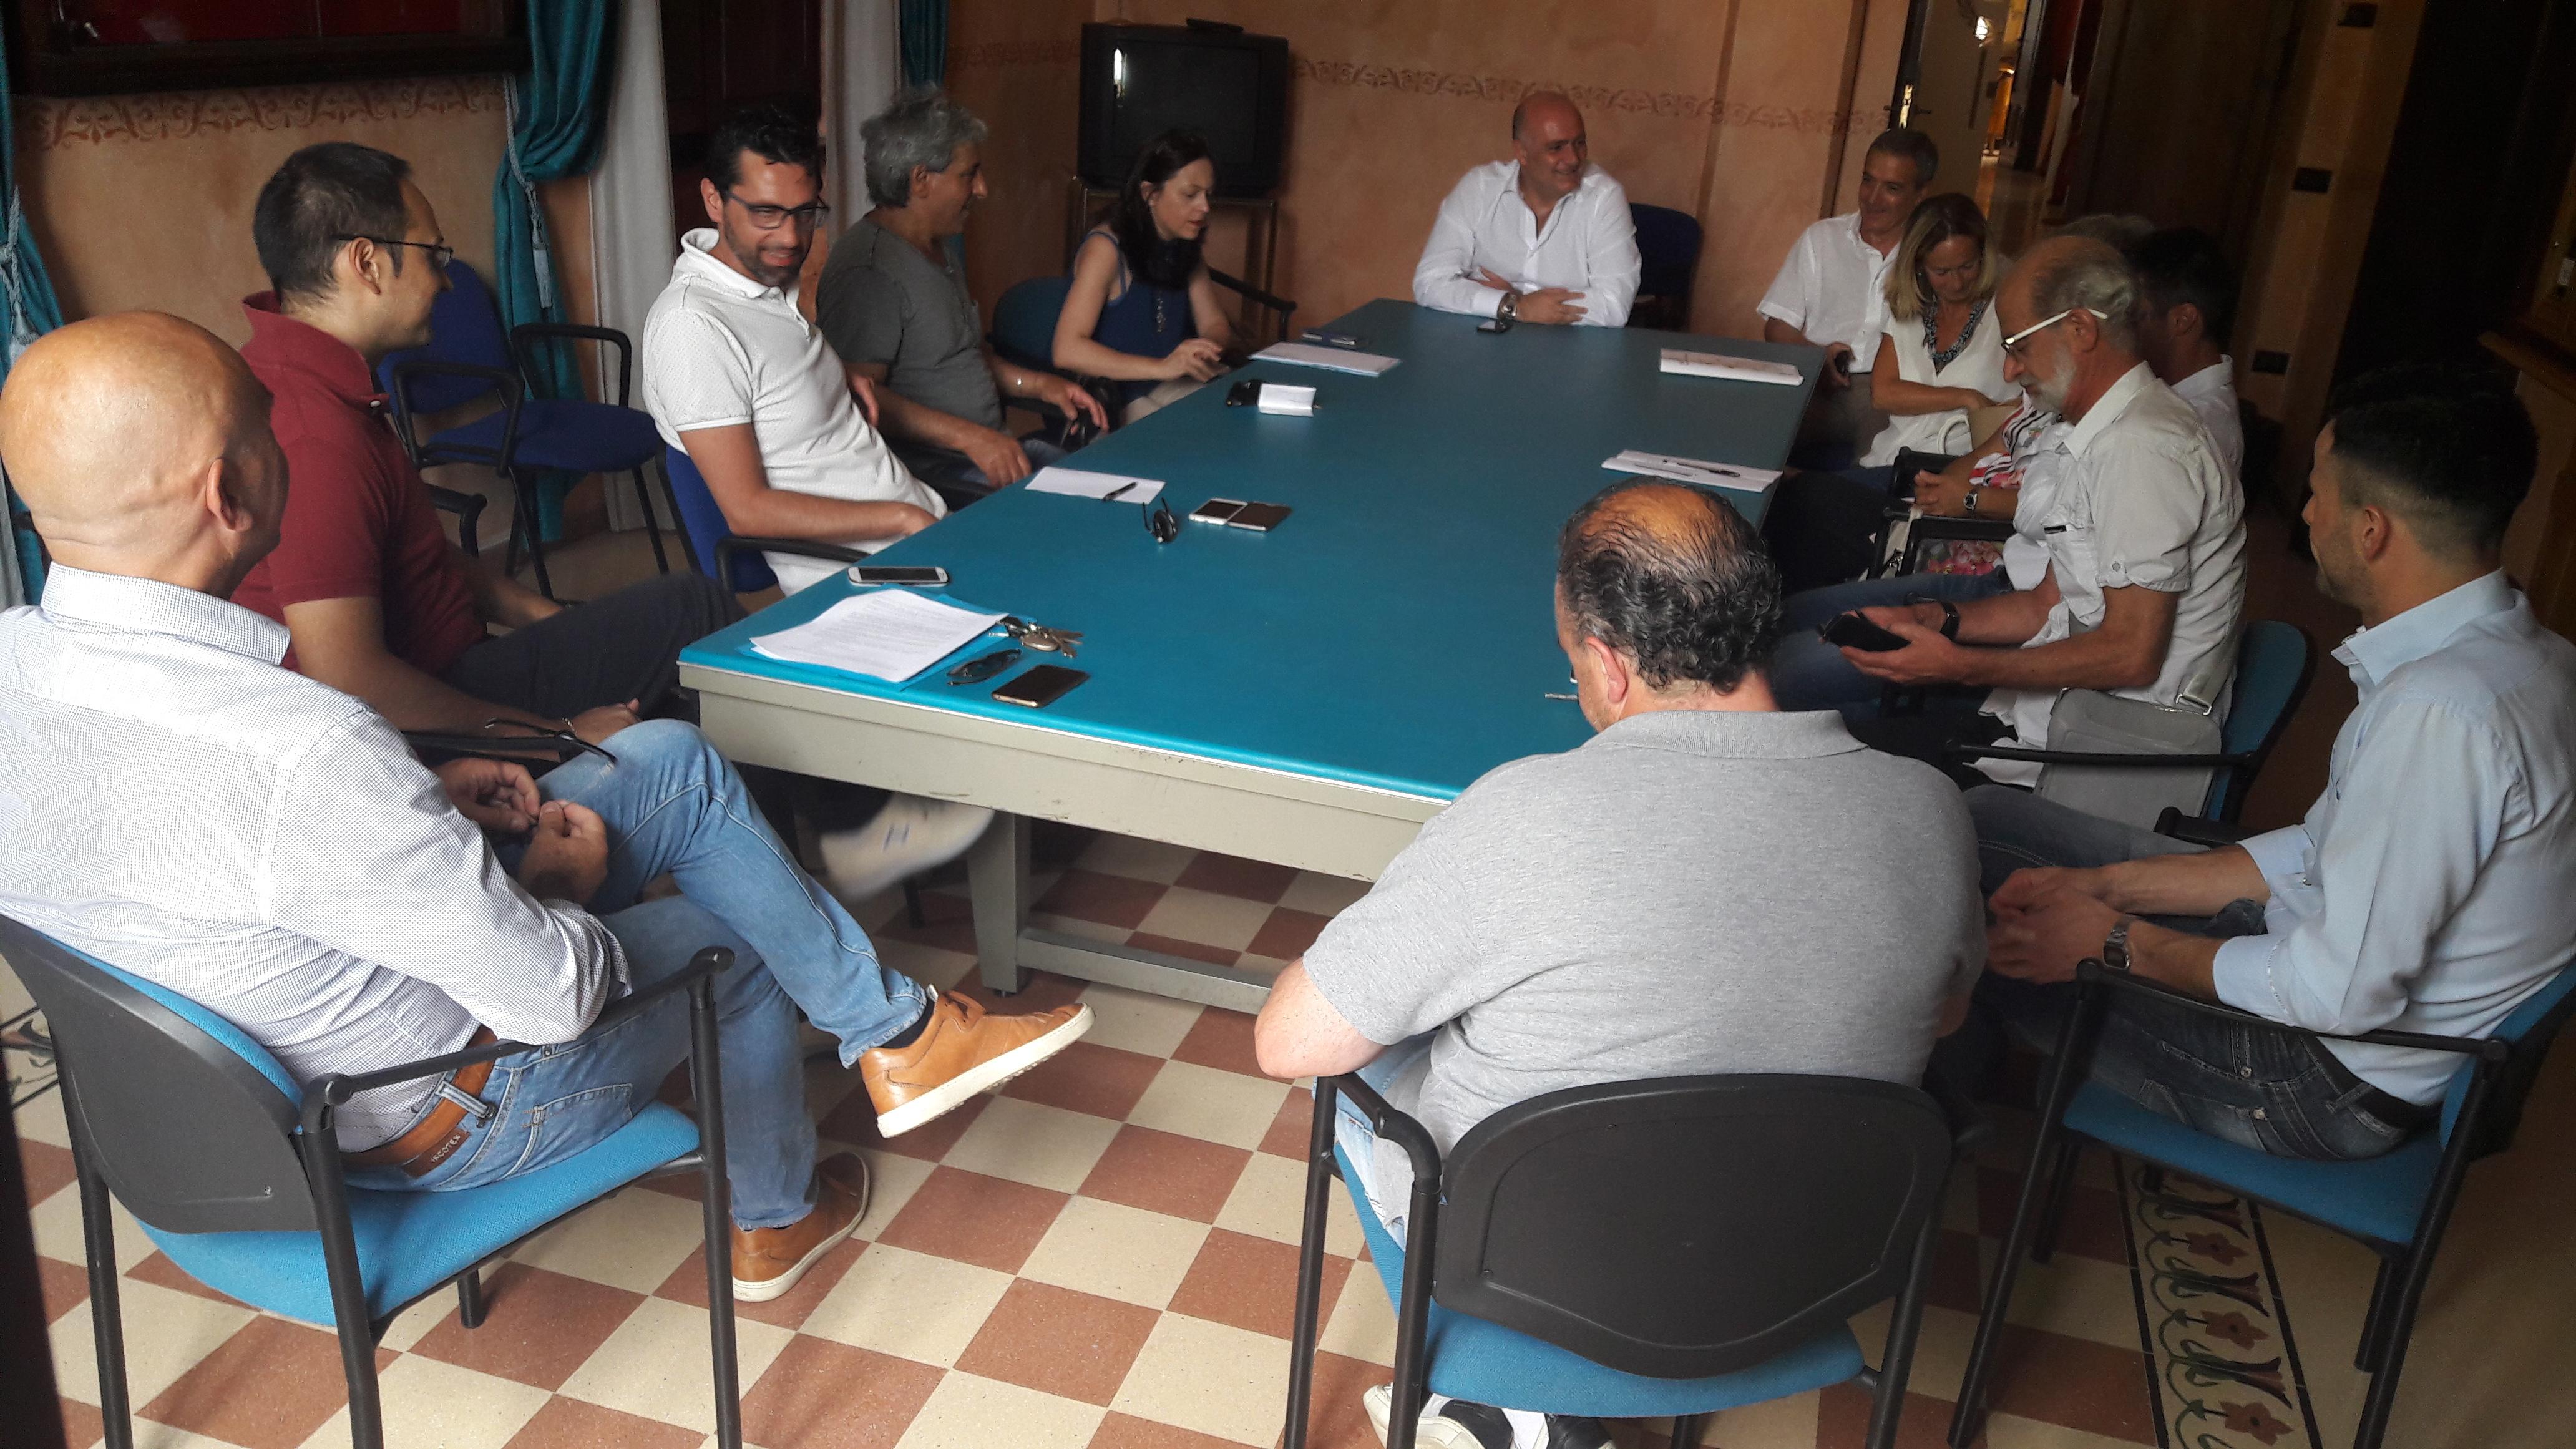 Abruzzo include, al via il progetto per 100 tirocini lavorativi. Circa 40 finanziati con il taglio delle spese dello staff del sindaco di Avezzano